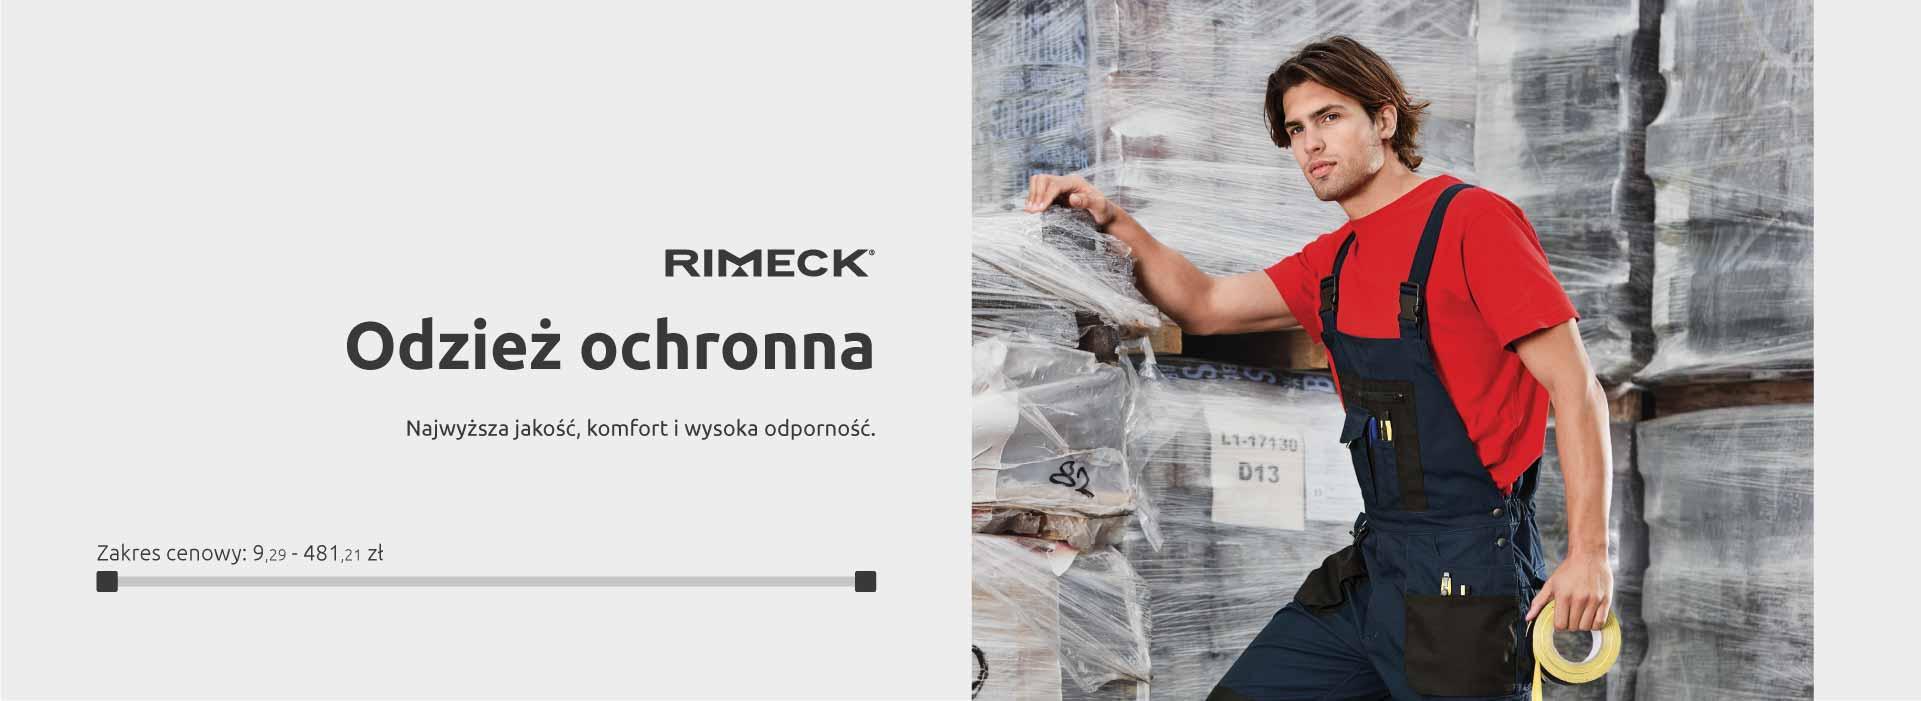 Marka Rimeck